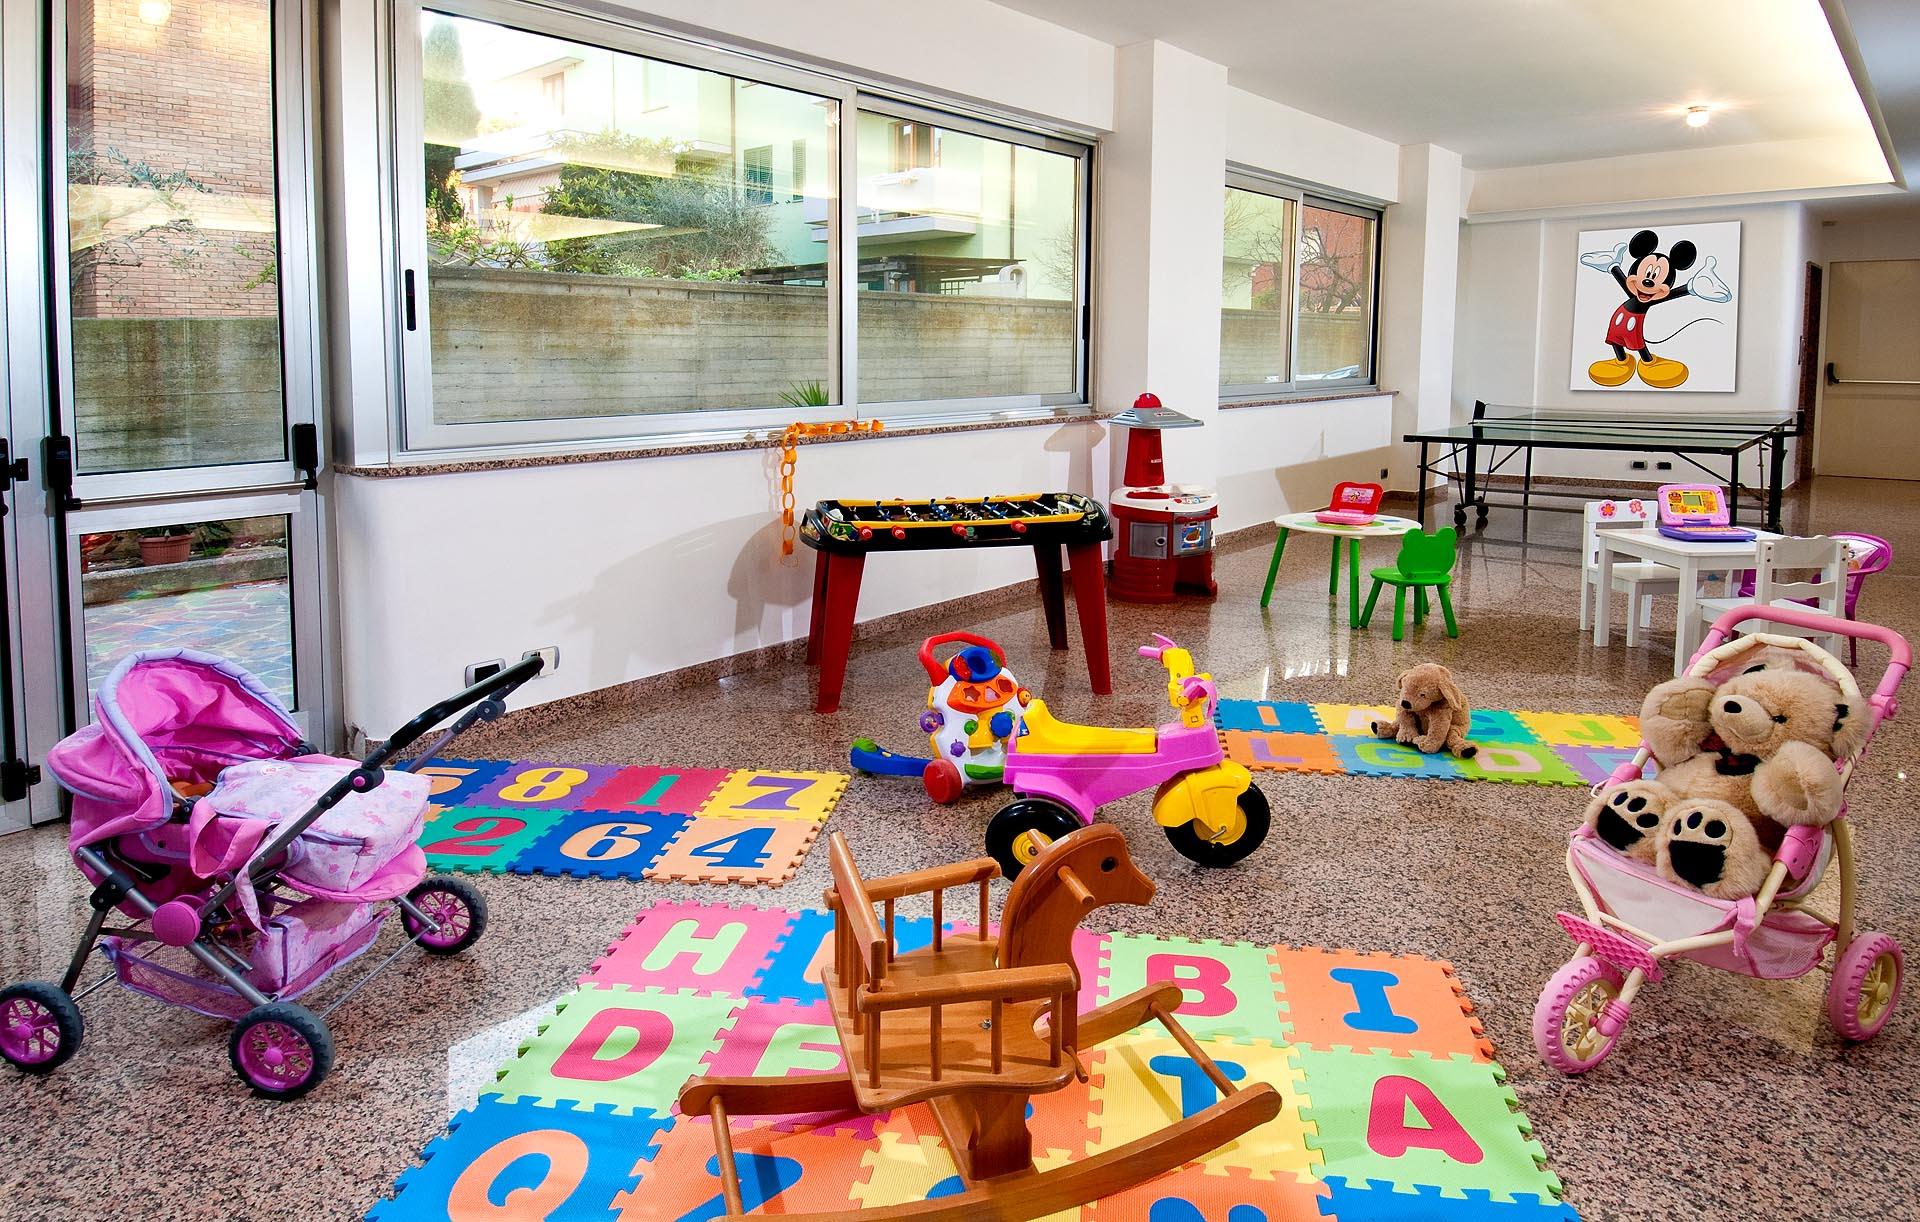 Sala Giochi Per Bambini : Hotel le querce senigallia sala giochi bambini senigallia.it